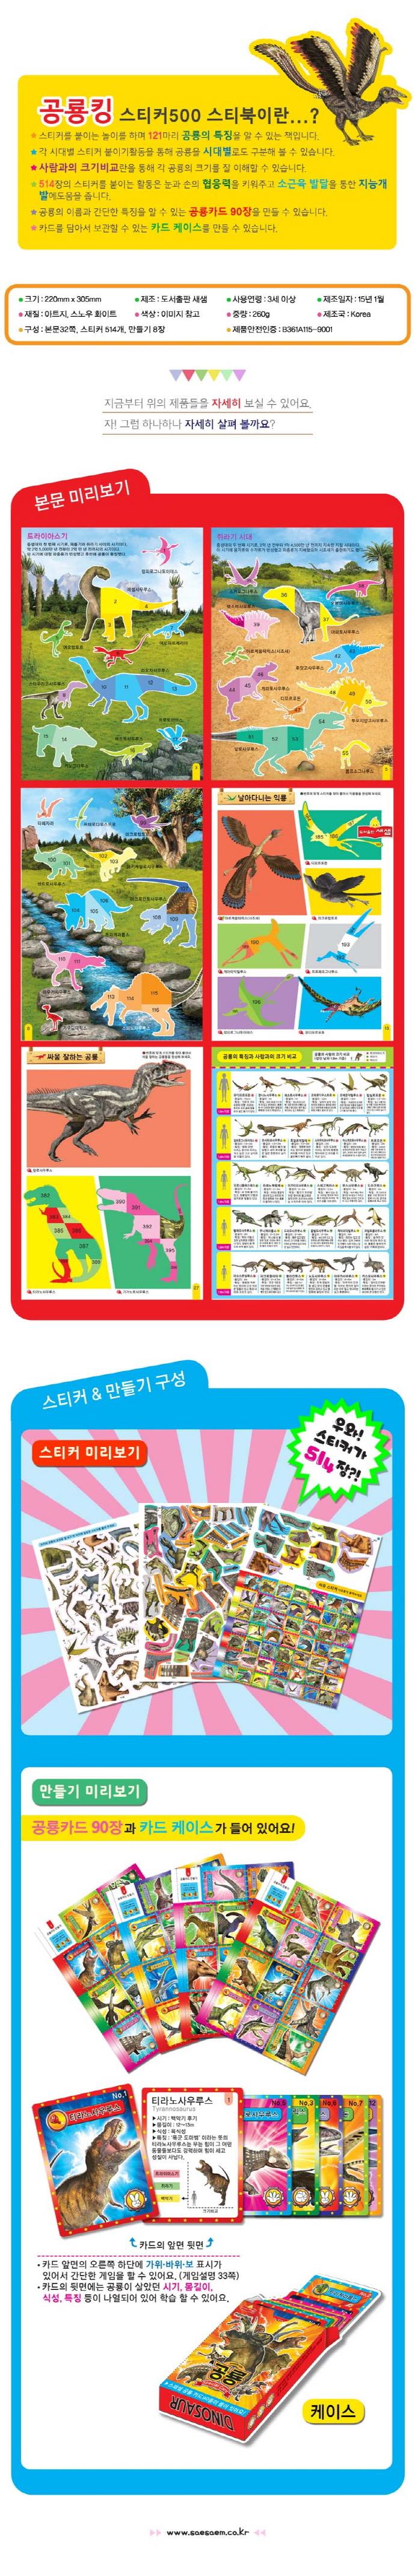 공룡킹 스티커 500 스티커북(스티커북) 도서 상세이미지